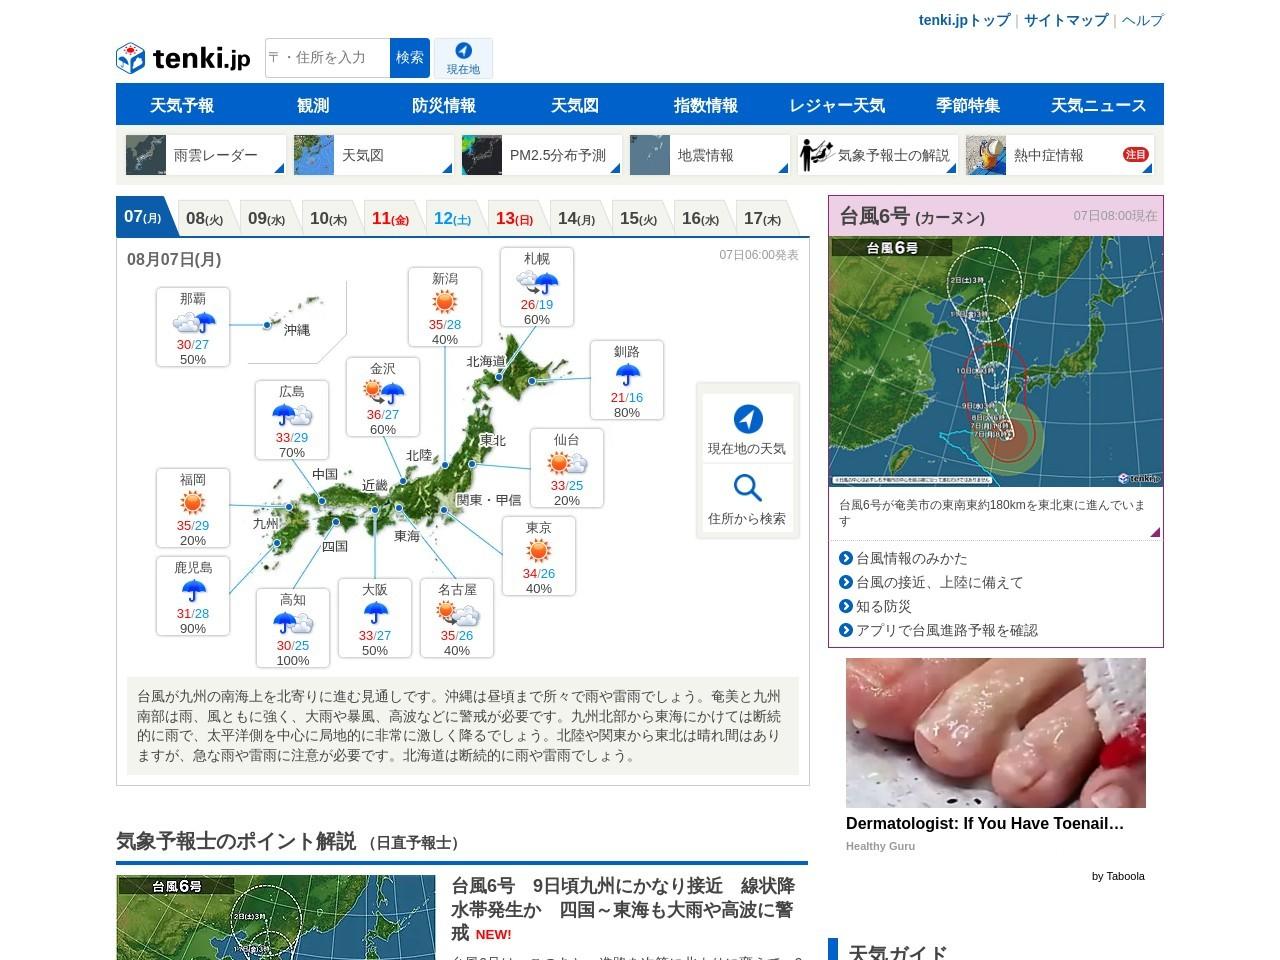 熱中症情報|日本気象協会 tenki.jp